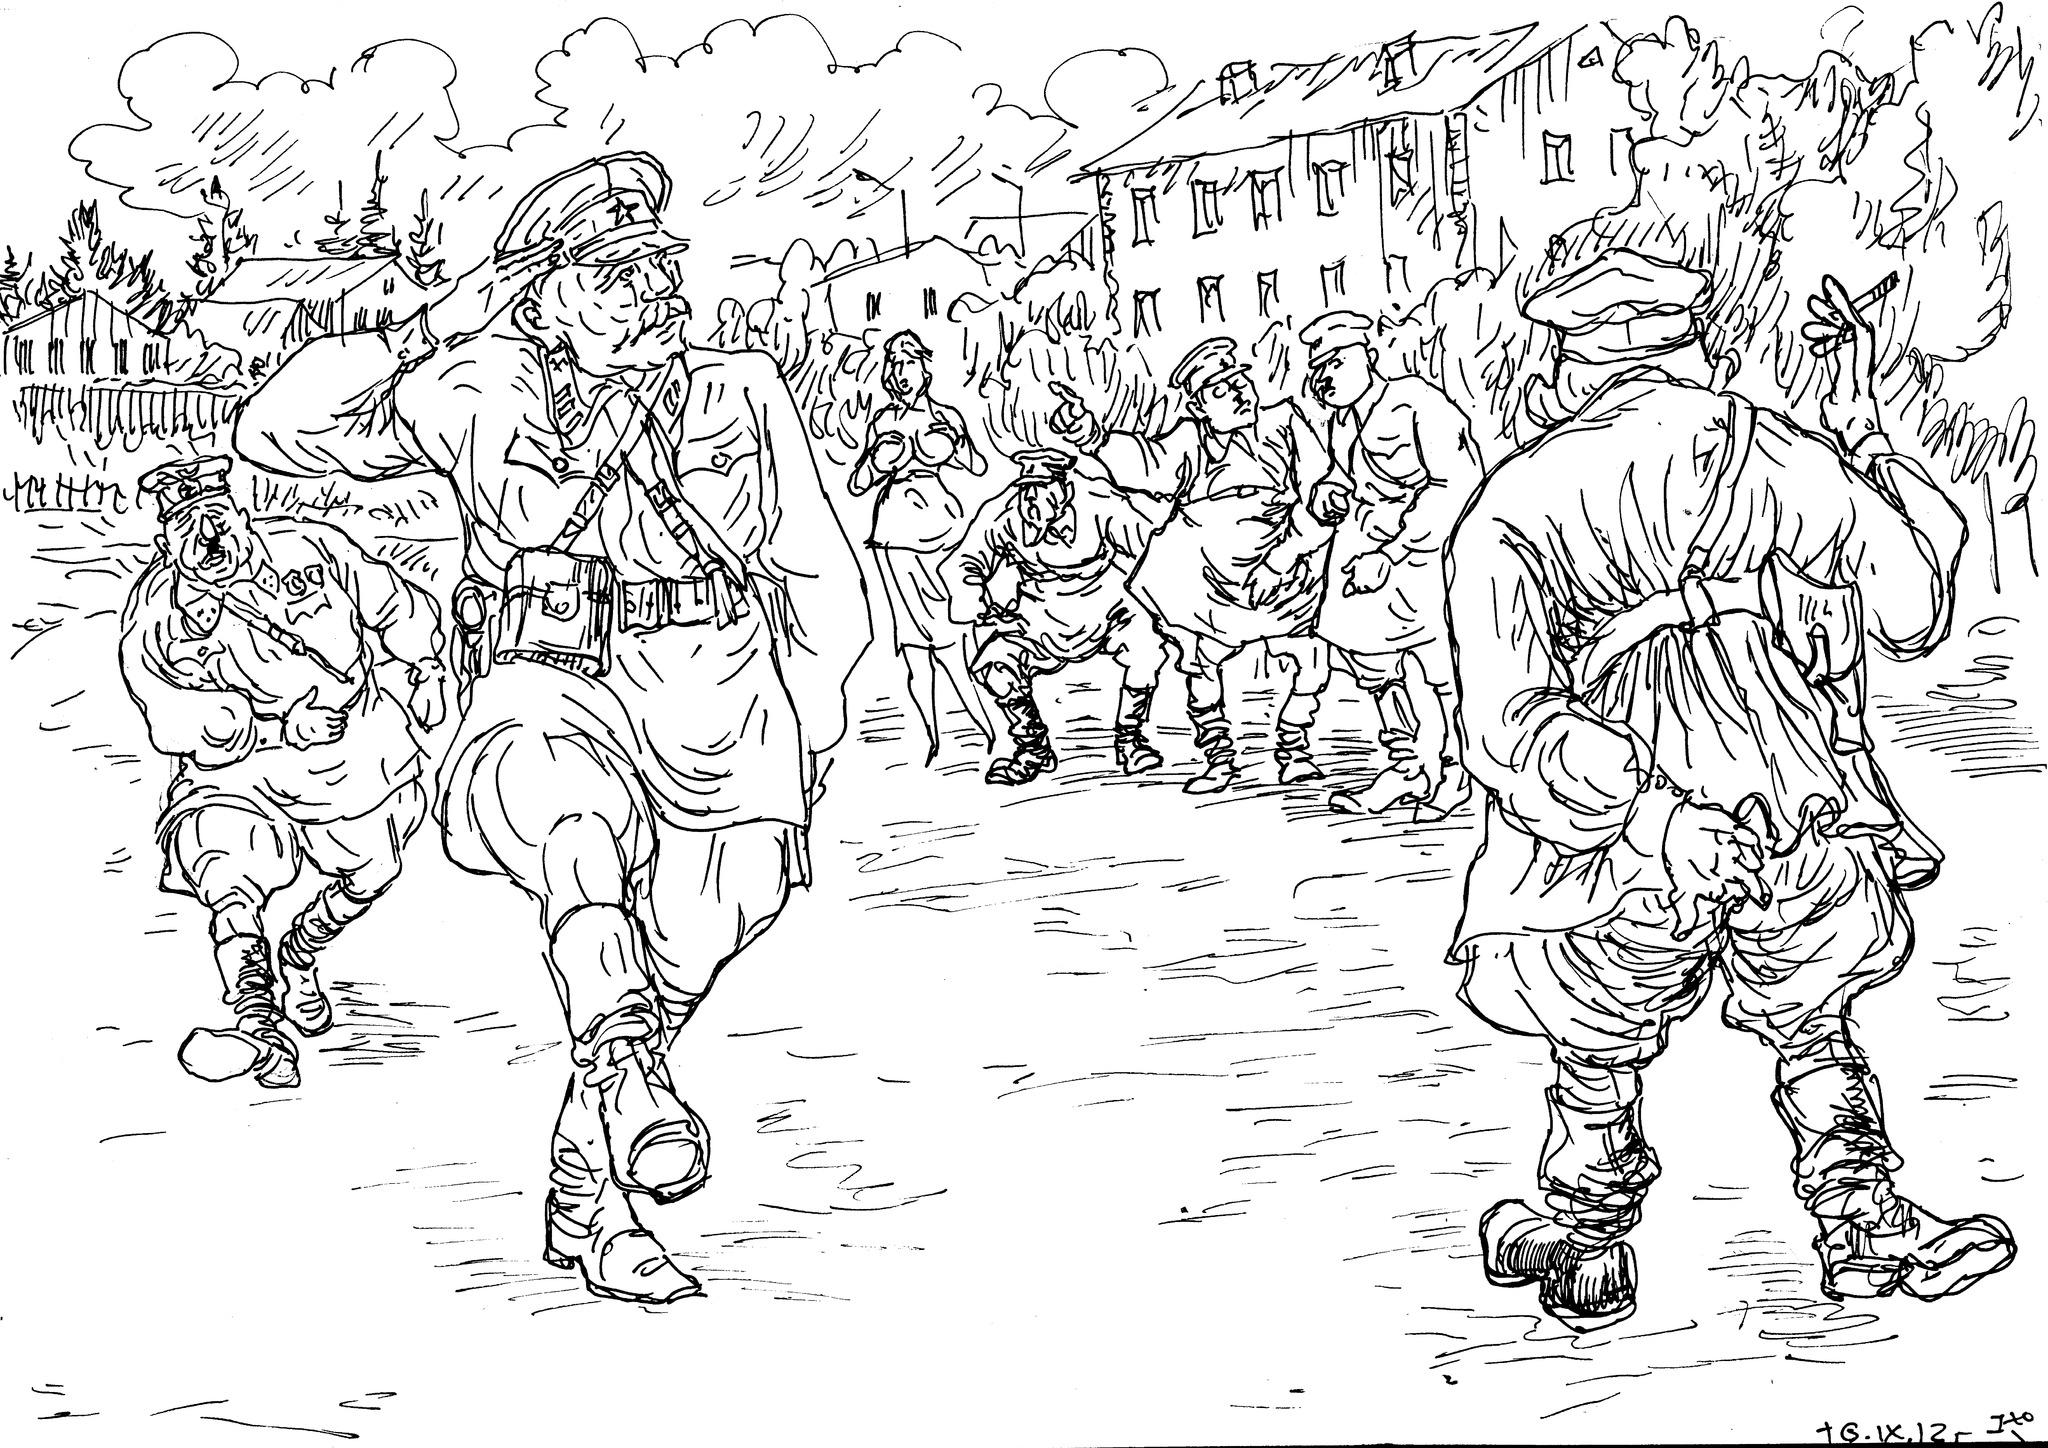 Охота на ведьм. Строевая подготовка, отдание чести — тот самый оселок, на котором ловят бывших офицеров